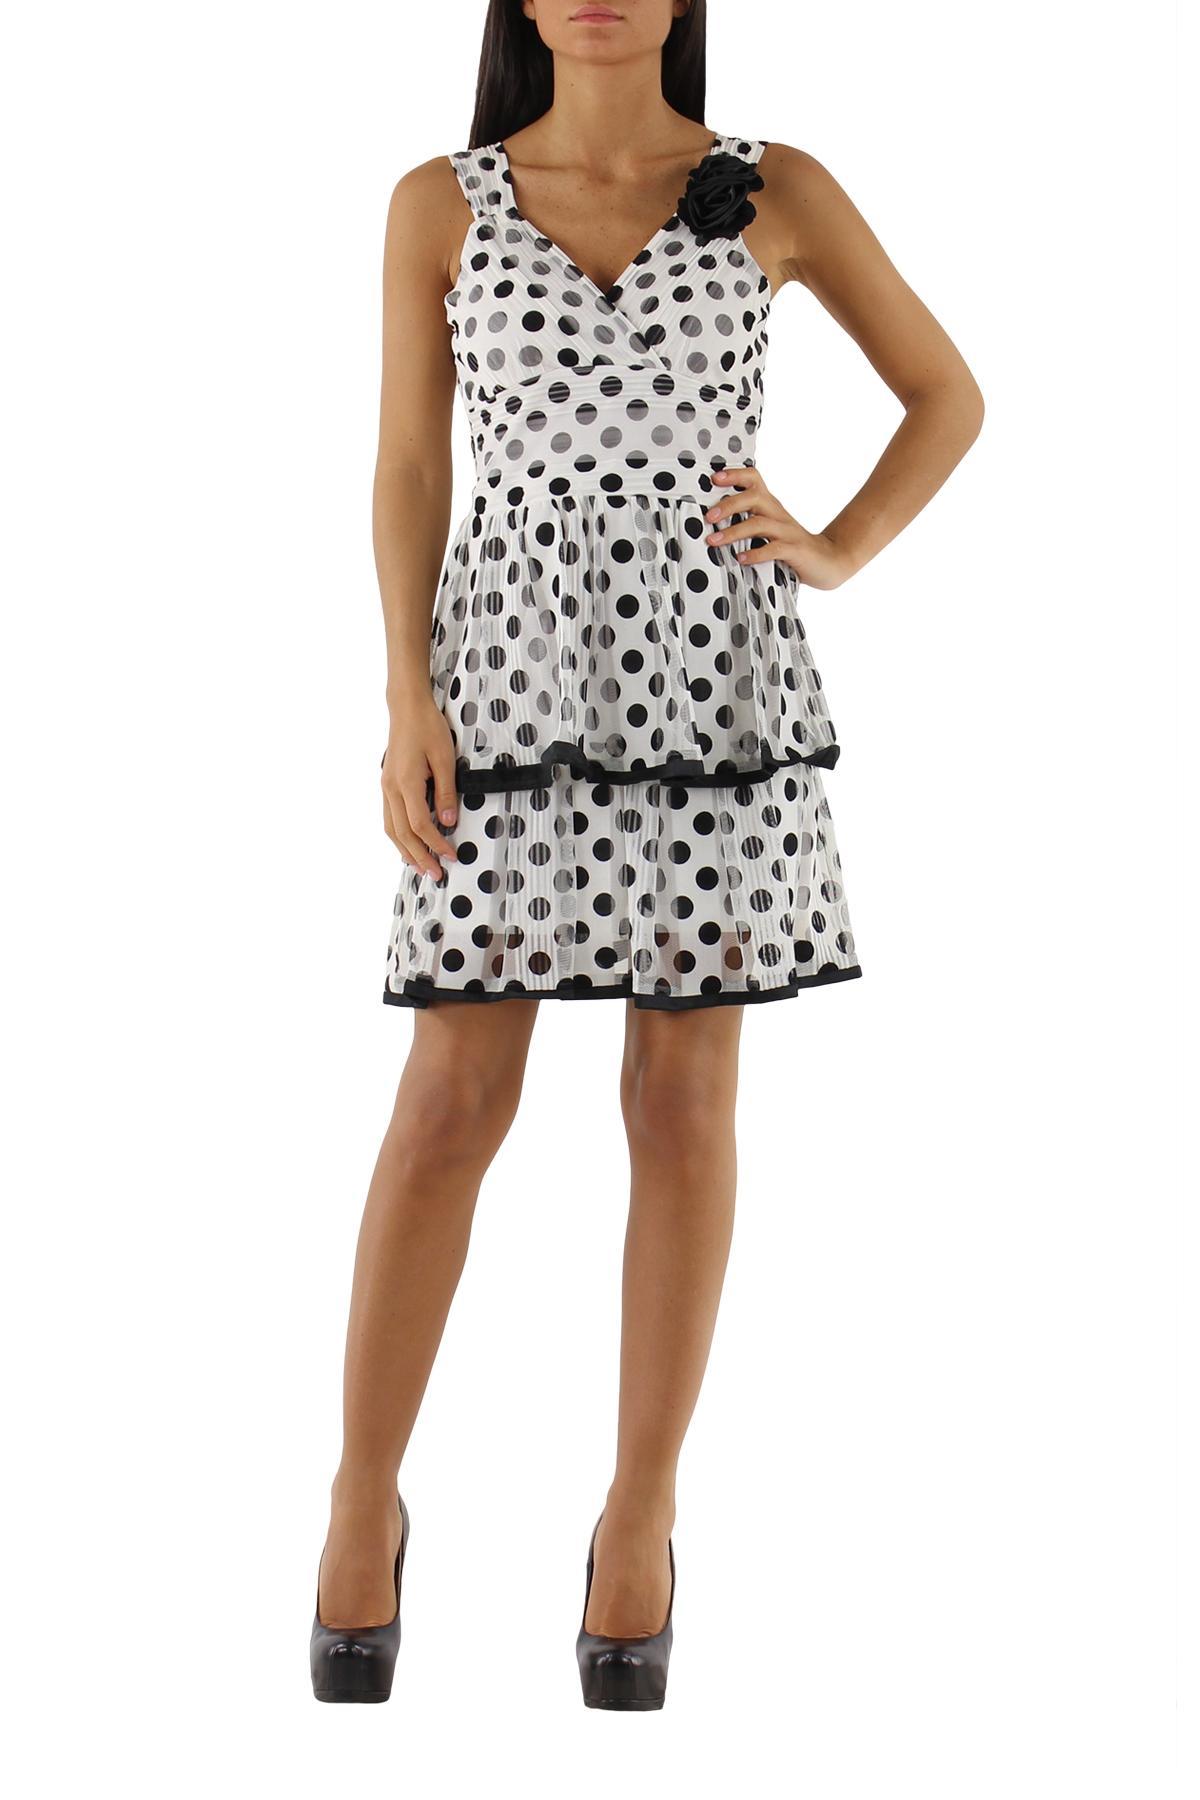 Robes courtes Femme S1006-BLANC Lucy & Co Paris 11